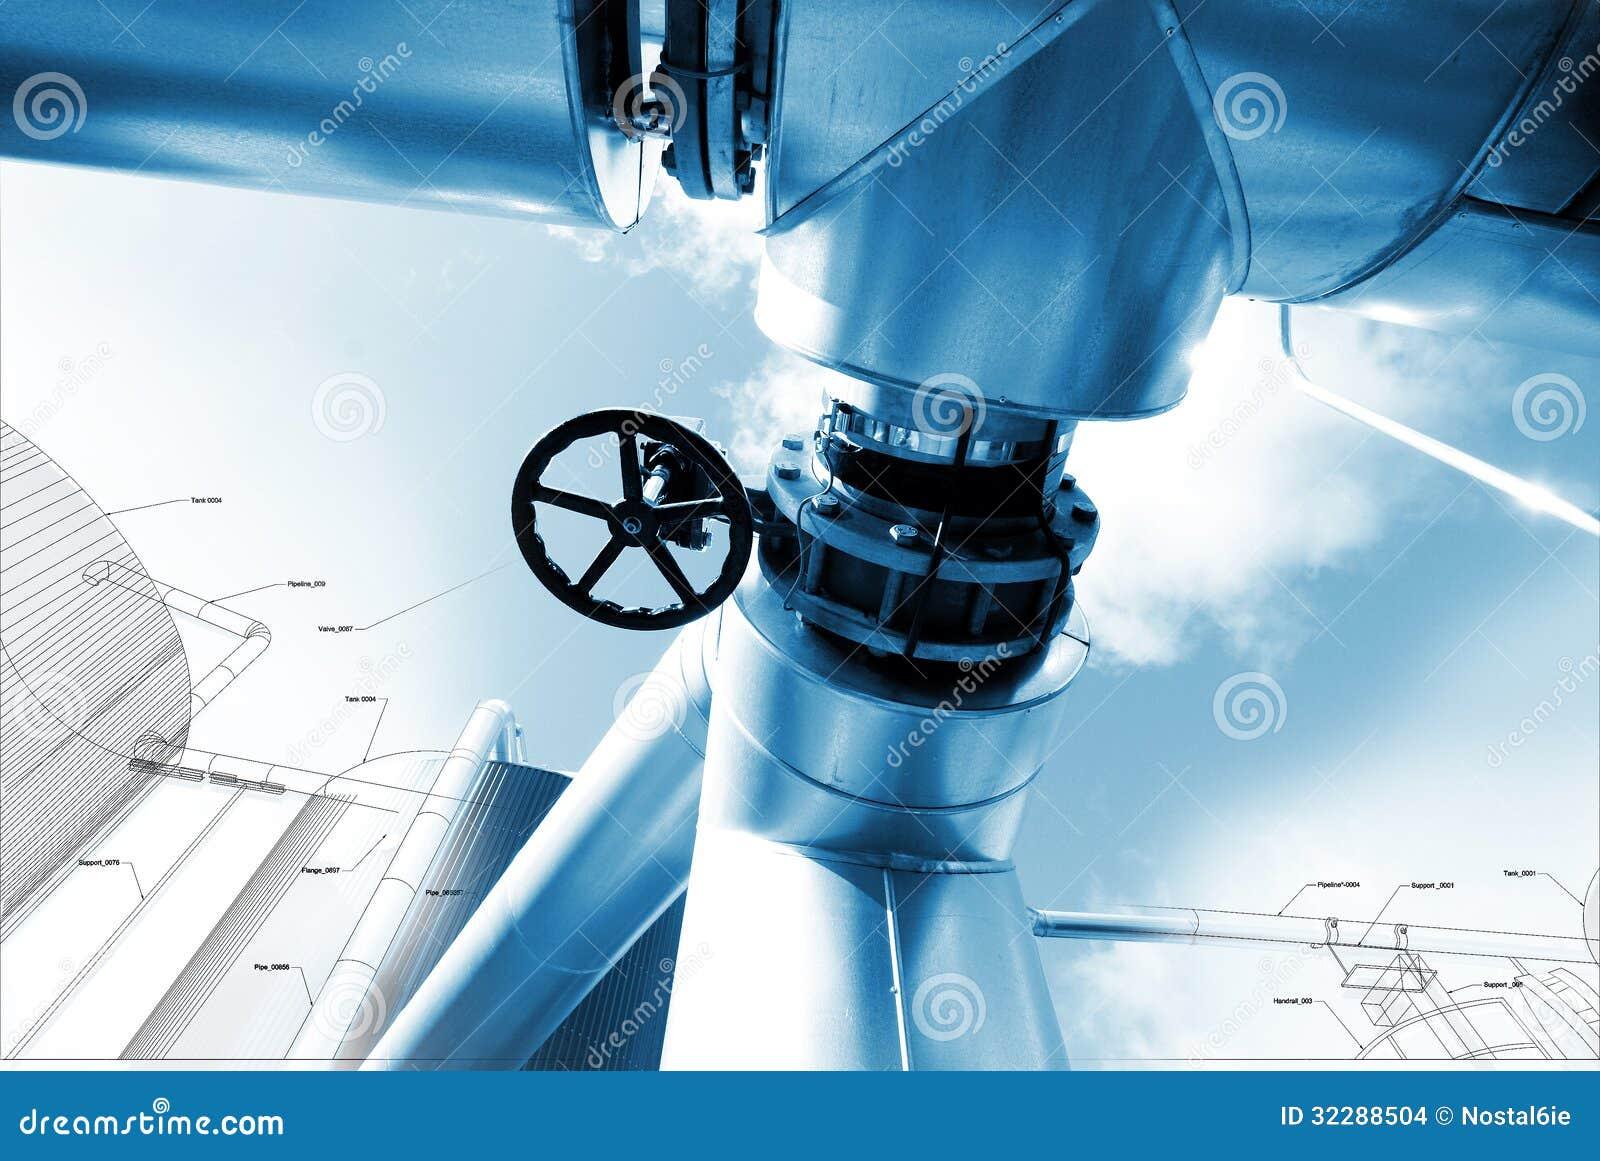 El bosquejo del diseño de la tubería se mezcló con las fotos del equipo industrial